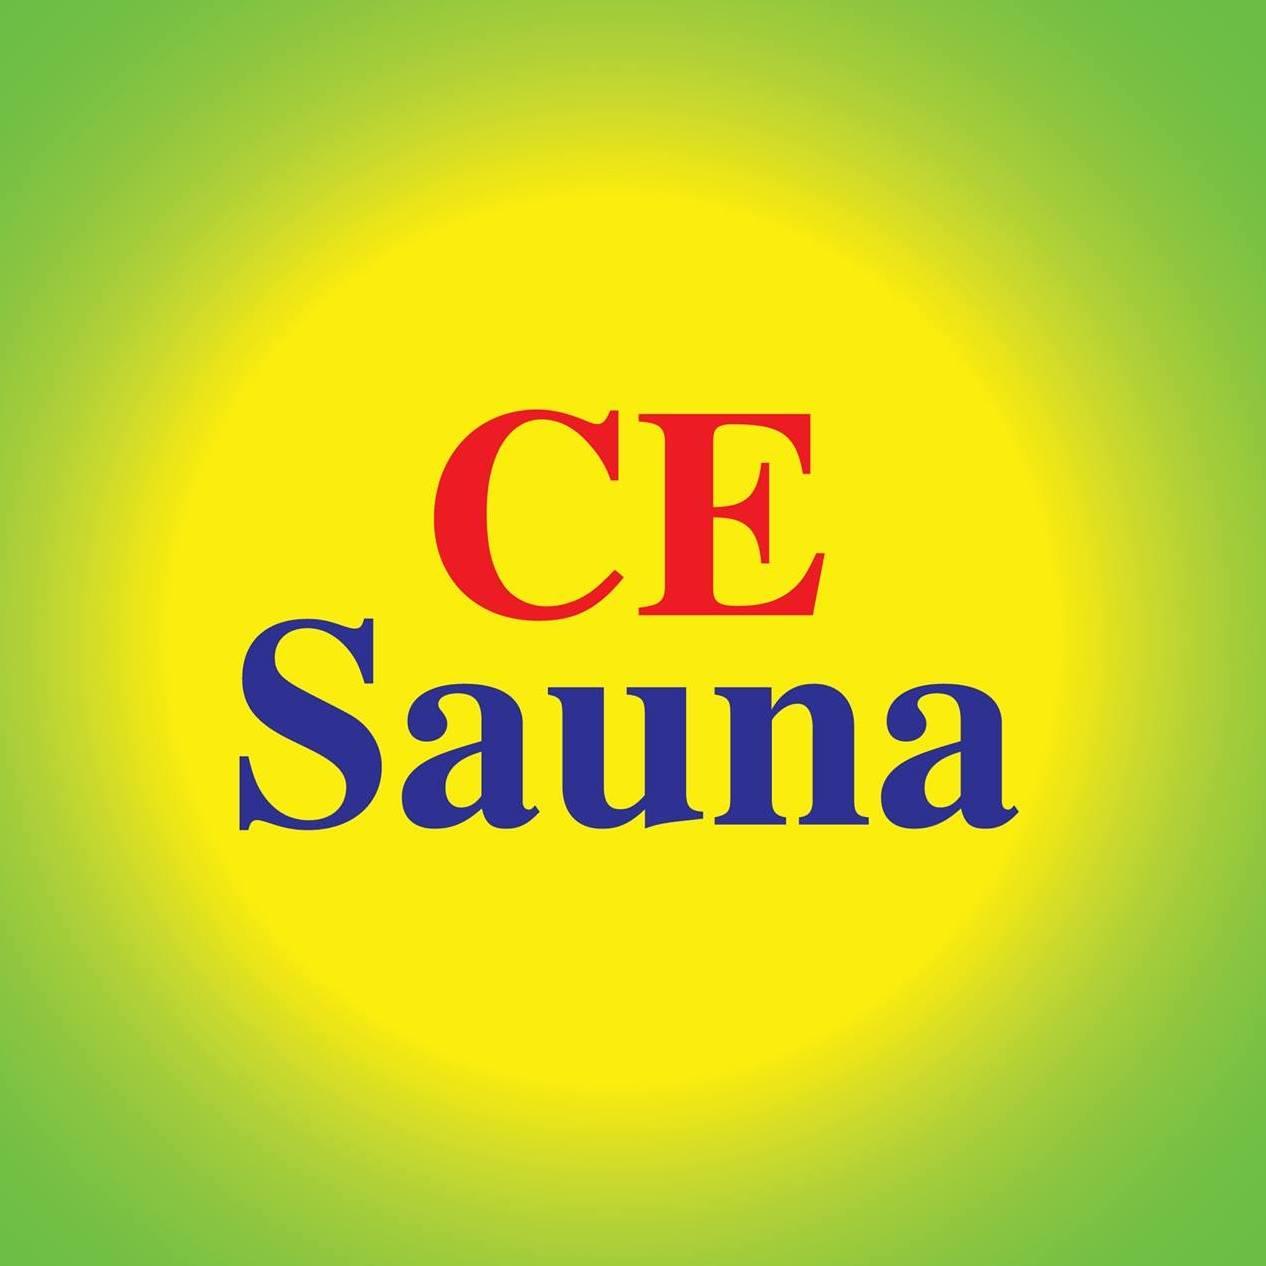 CE Sauna - Sponsor